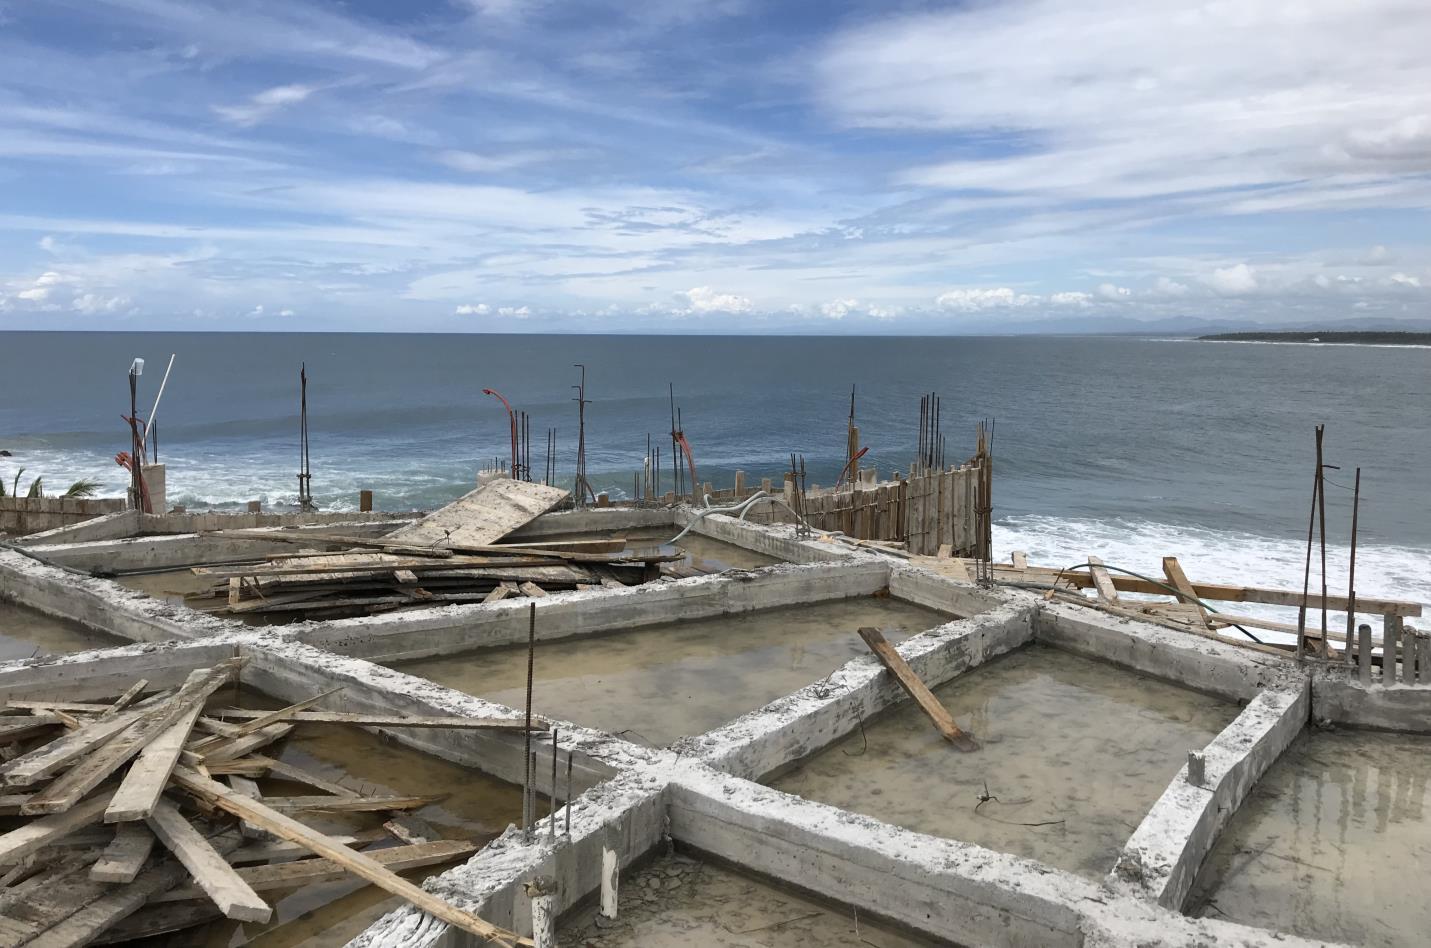 REPORTE-FOTOGRAFICO-PUNTA-MAJAHUA-20-DE-OCTUBRE-DEL-2018-030.jpg